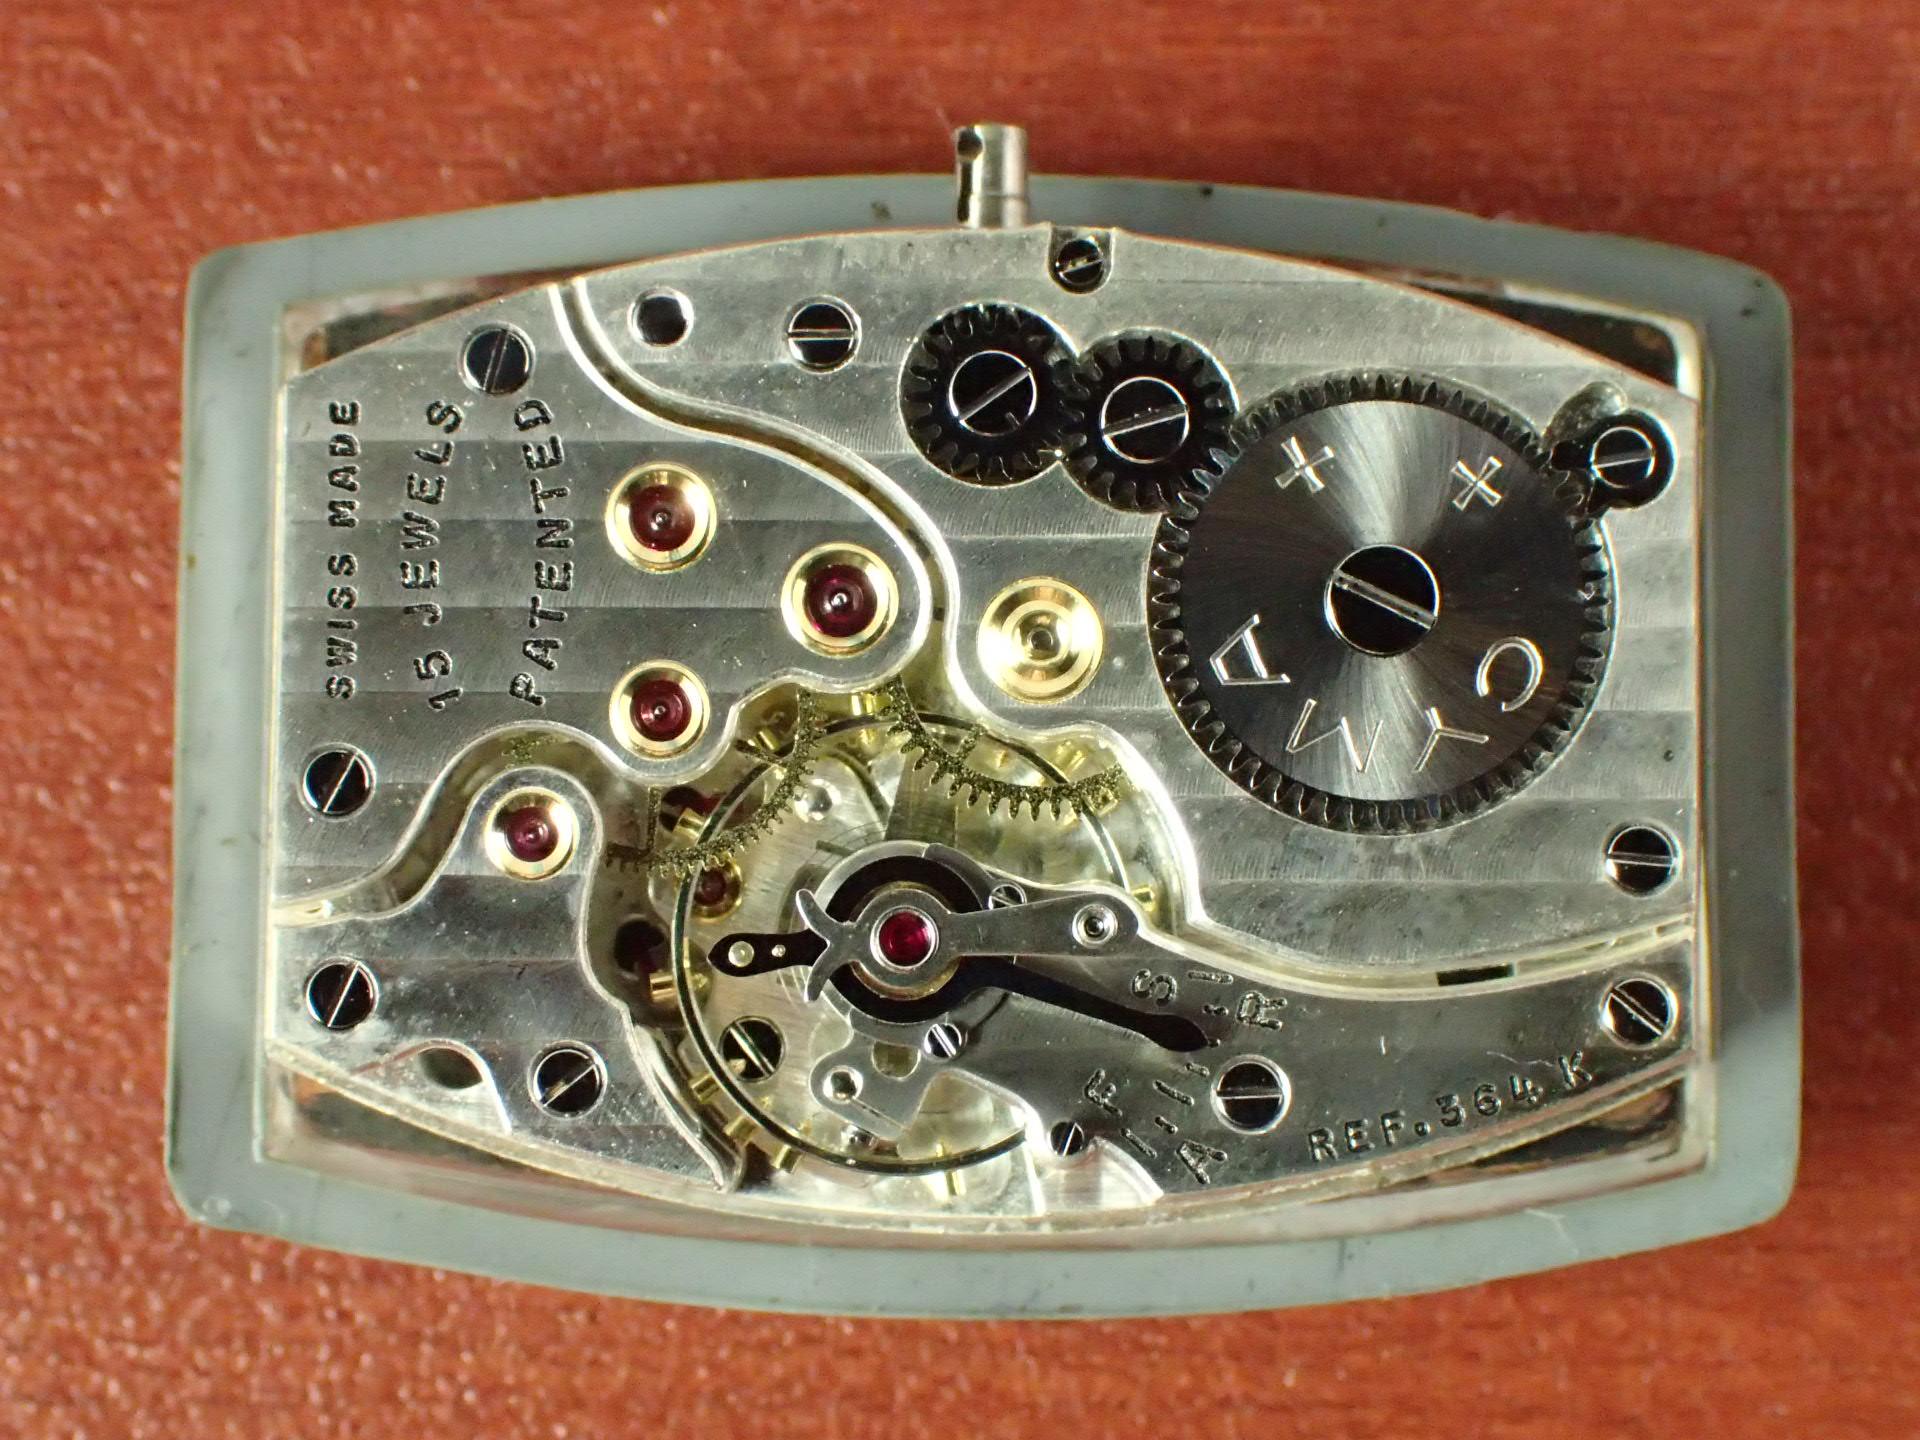 シーマ クラムシェル トノーケース 2トーンダイアル N.O.S. 1940年代の写真5枚目